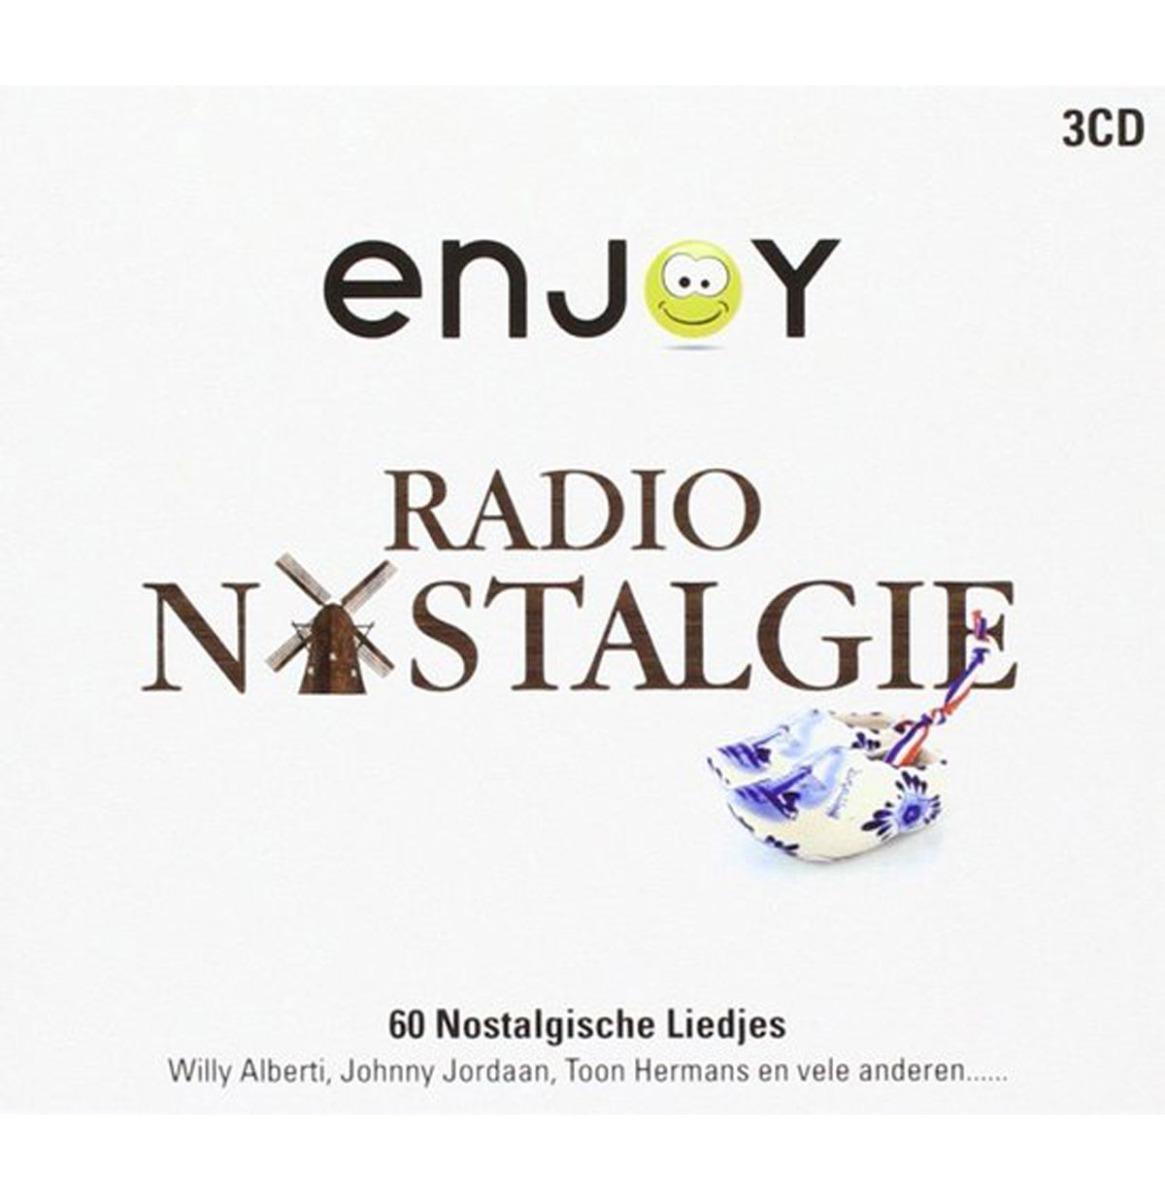 Enjoy Radio Nostalgie 3CD